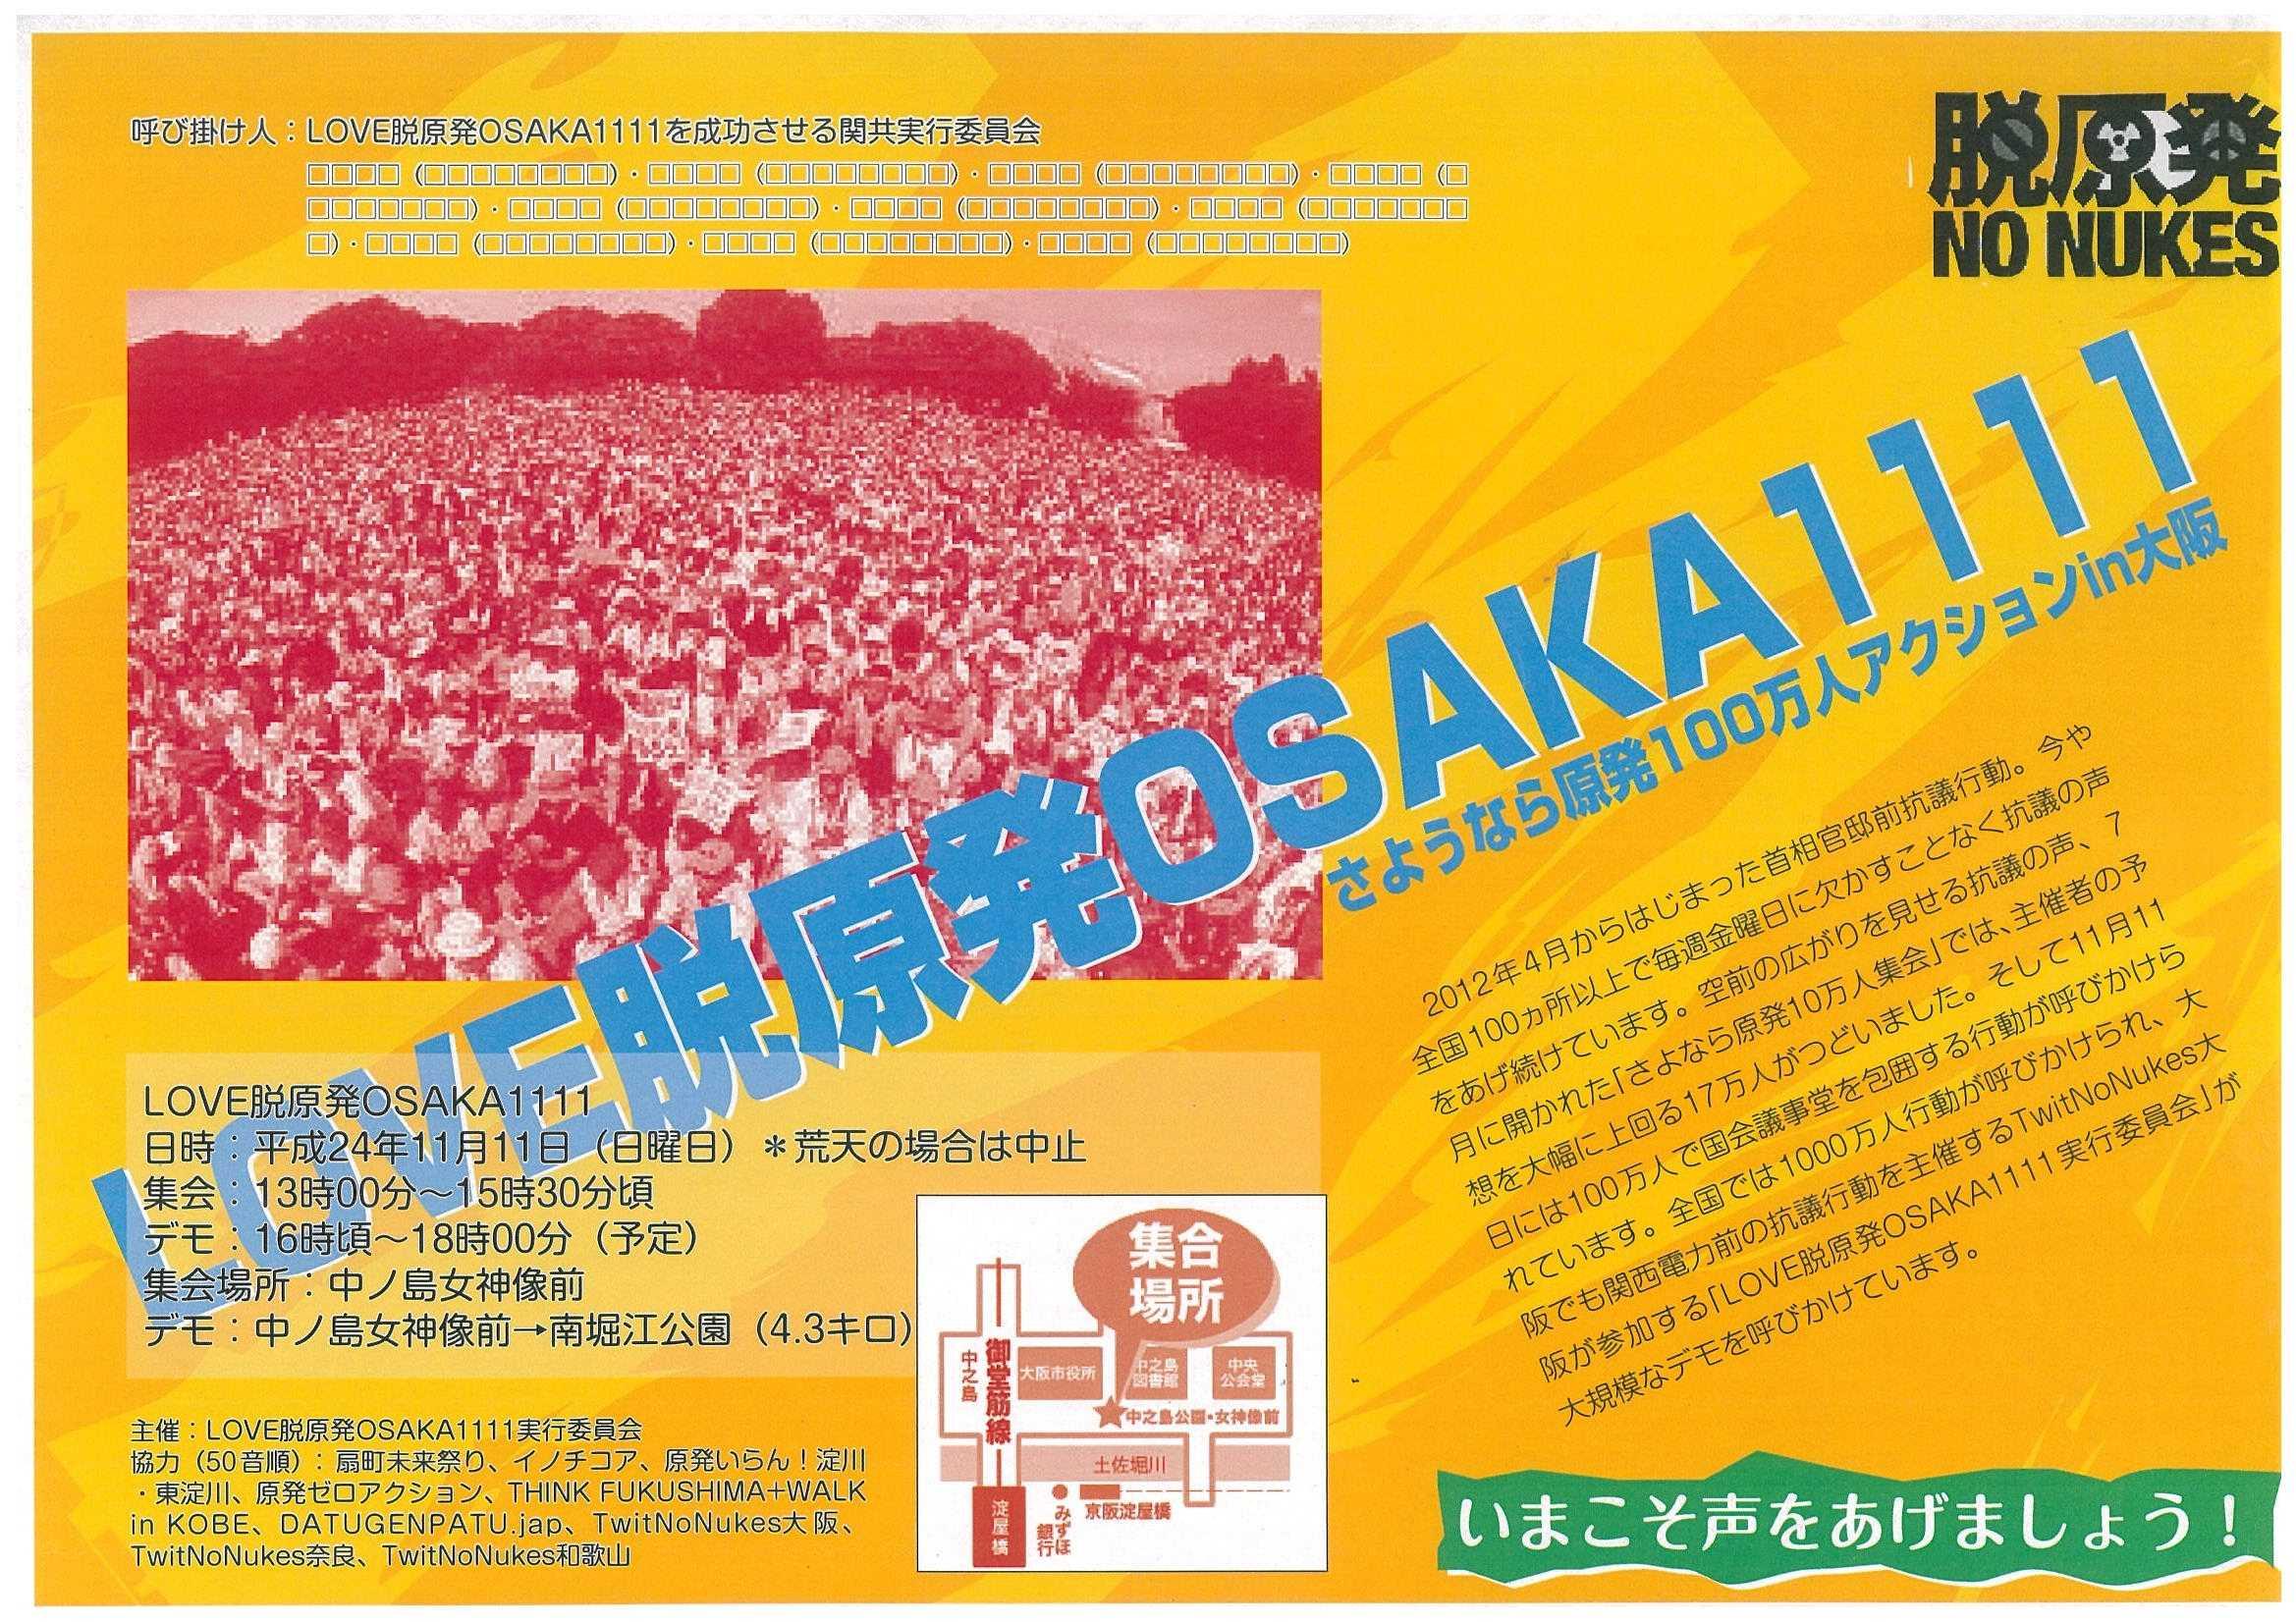 LOVE脱原発OSAKA1111チラシa